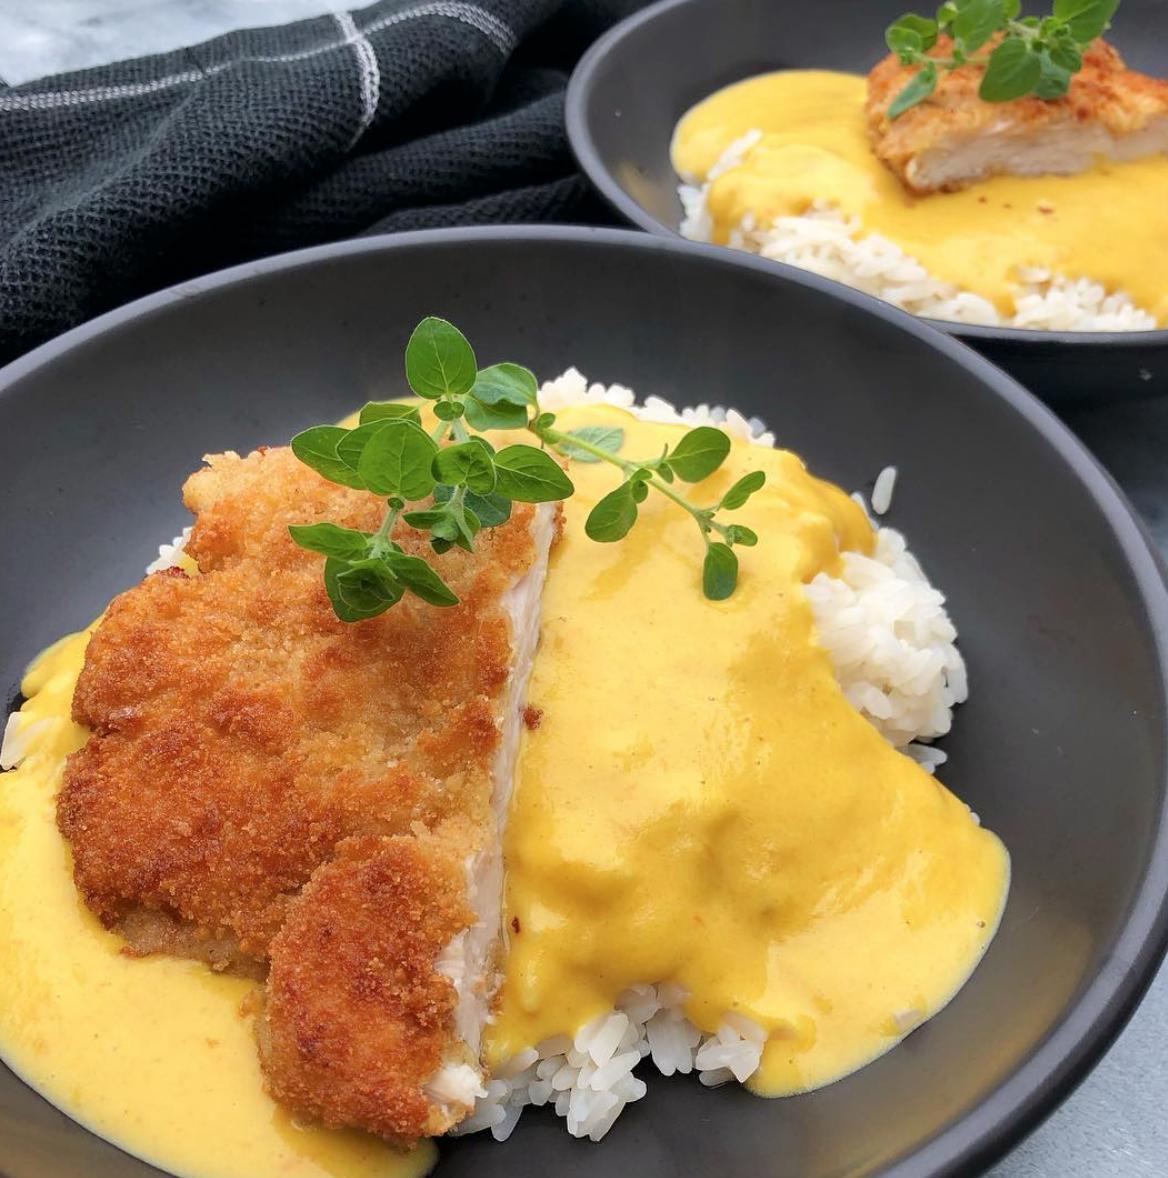 Chicken Katsu Sprod Paneret Kylling Med Karrysovs Mummum Dk Opskrift Madopskrifter Sund Aftensmad Aftensmad